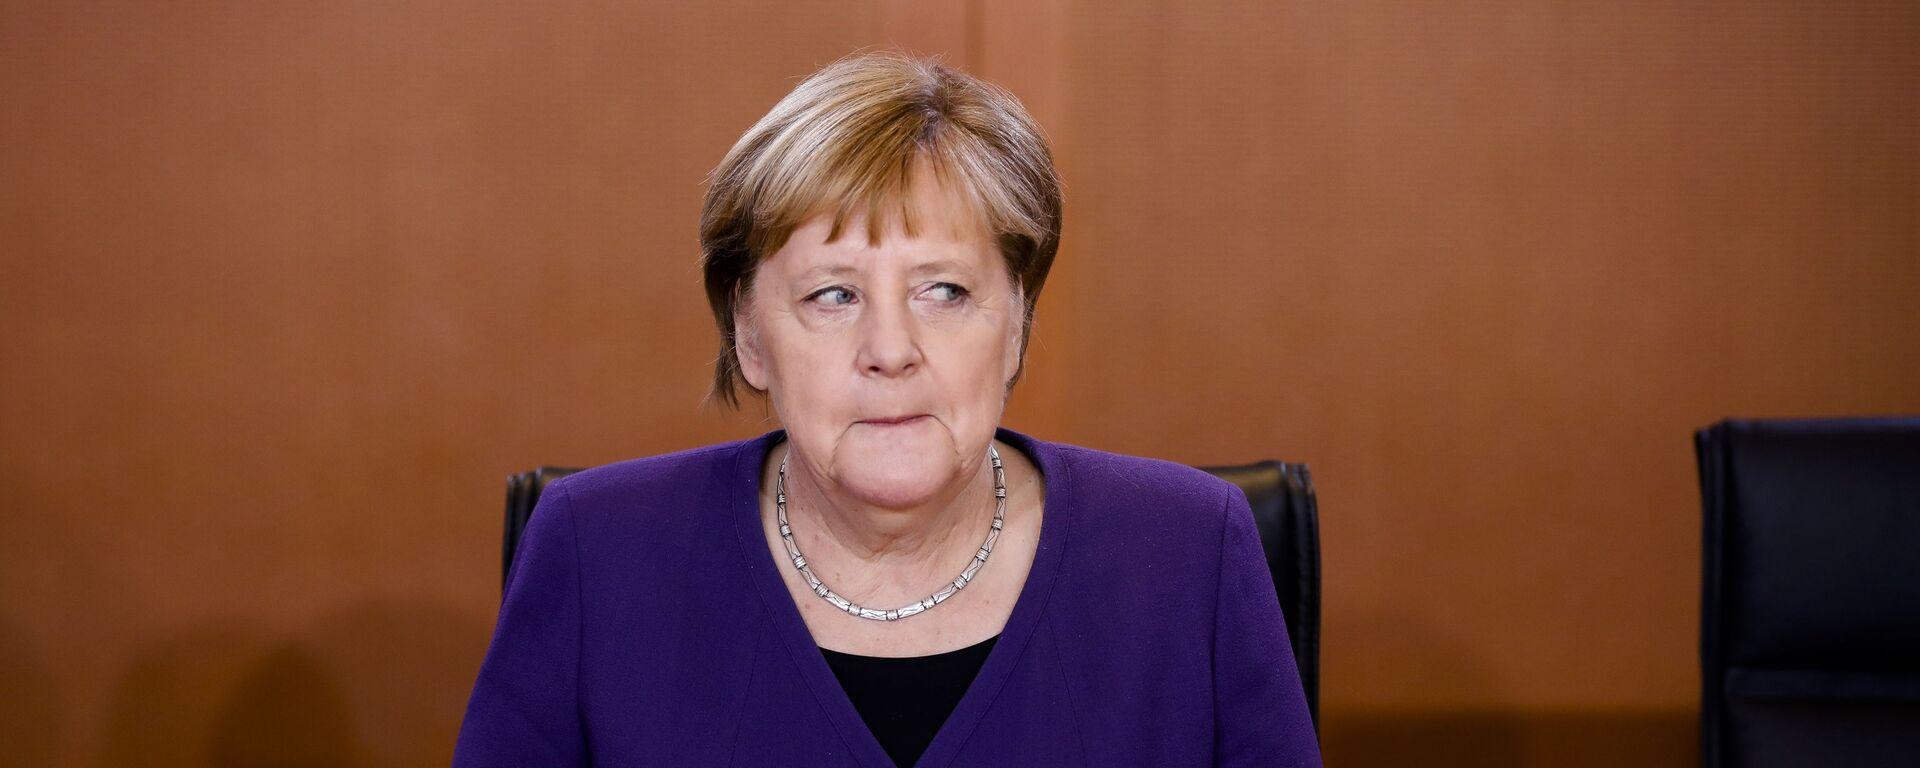 Německá kancléřka Angela Merkelová - Sputnik Česká republika, 1920, 24.06.2021